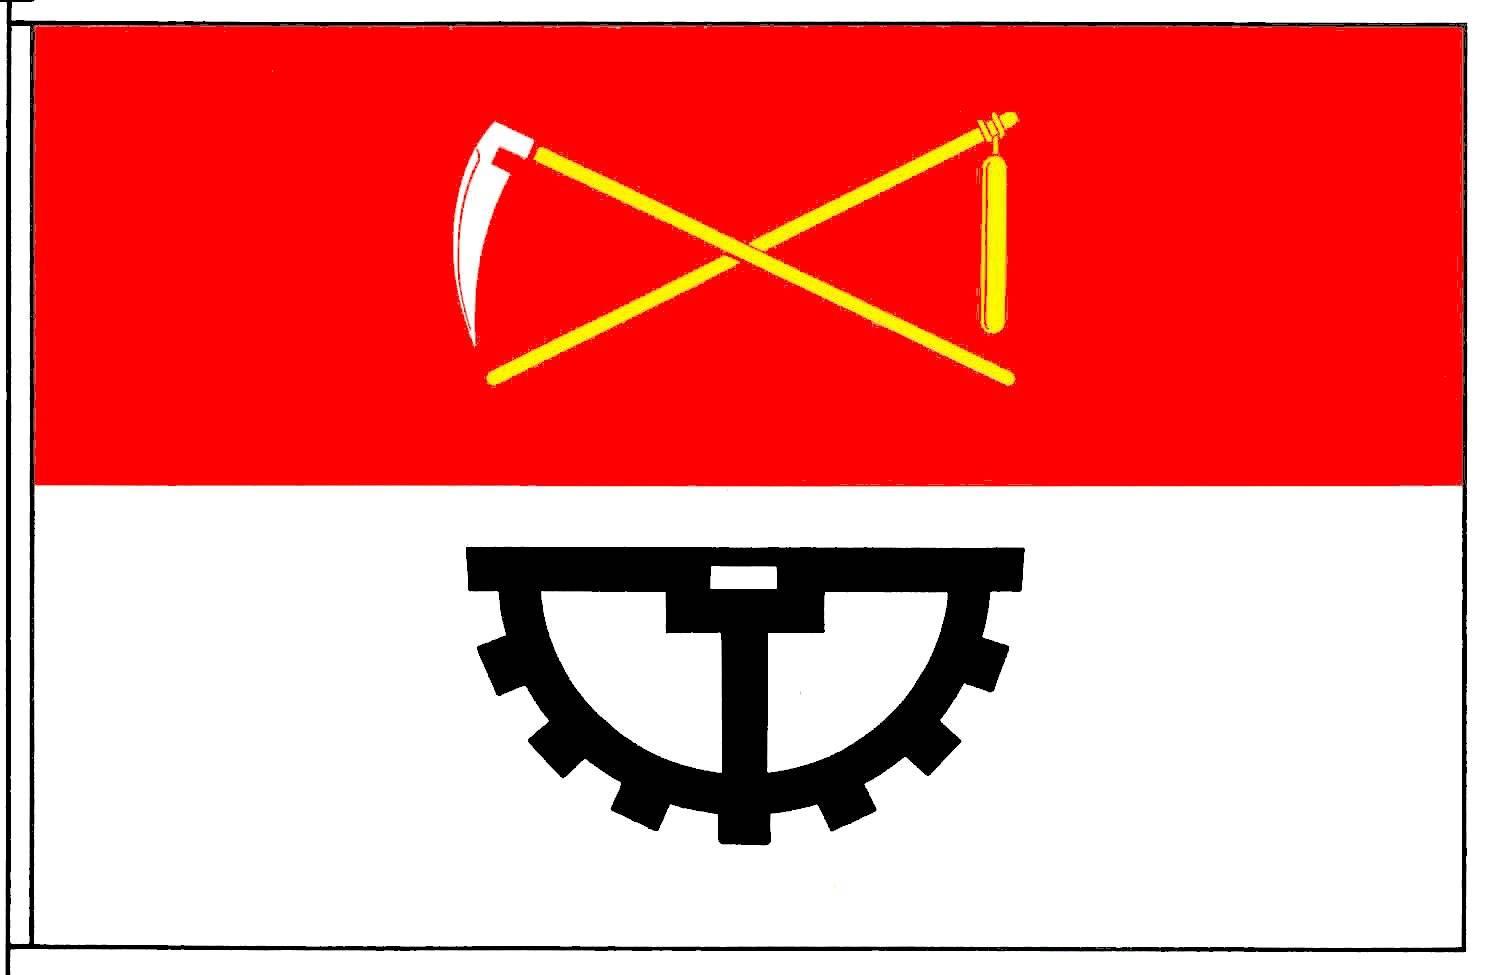 Flagge StadtBüdelsdorf, Kreis Rendsburg-Eckernförde